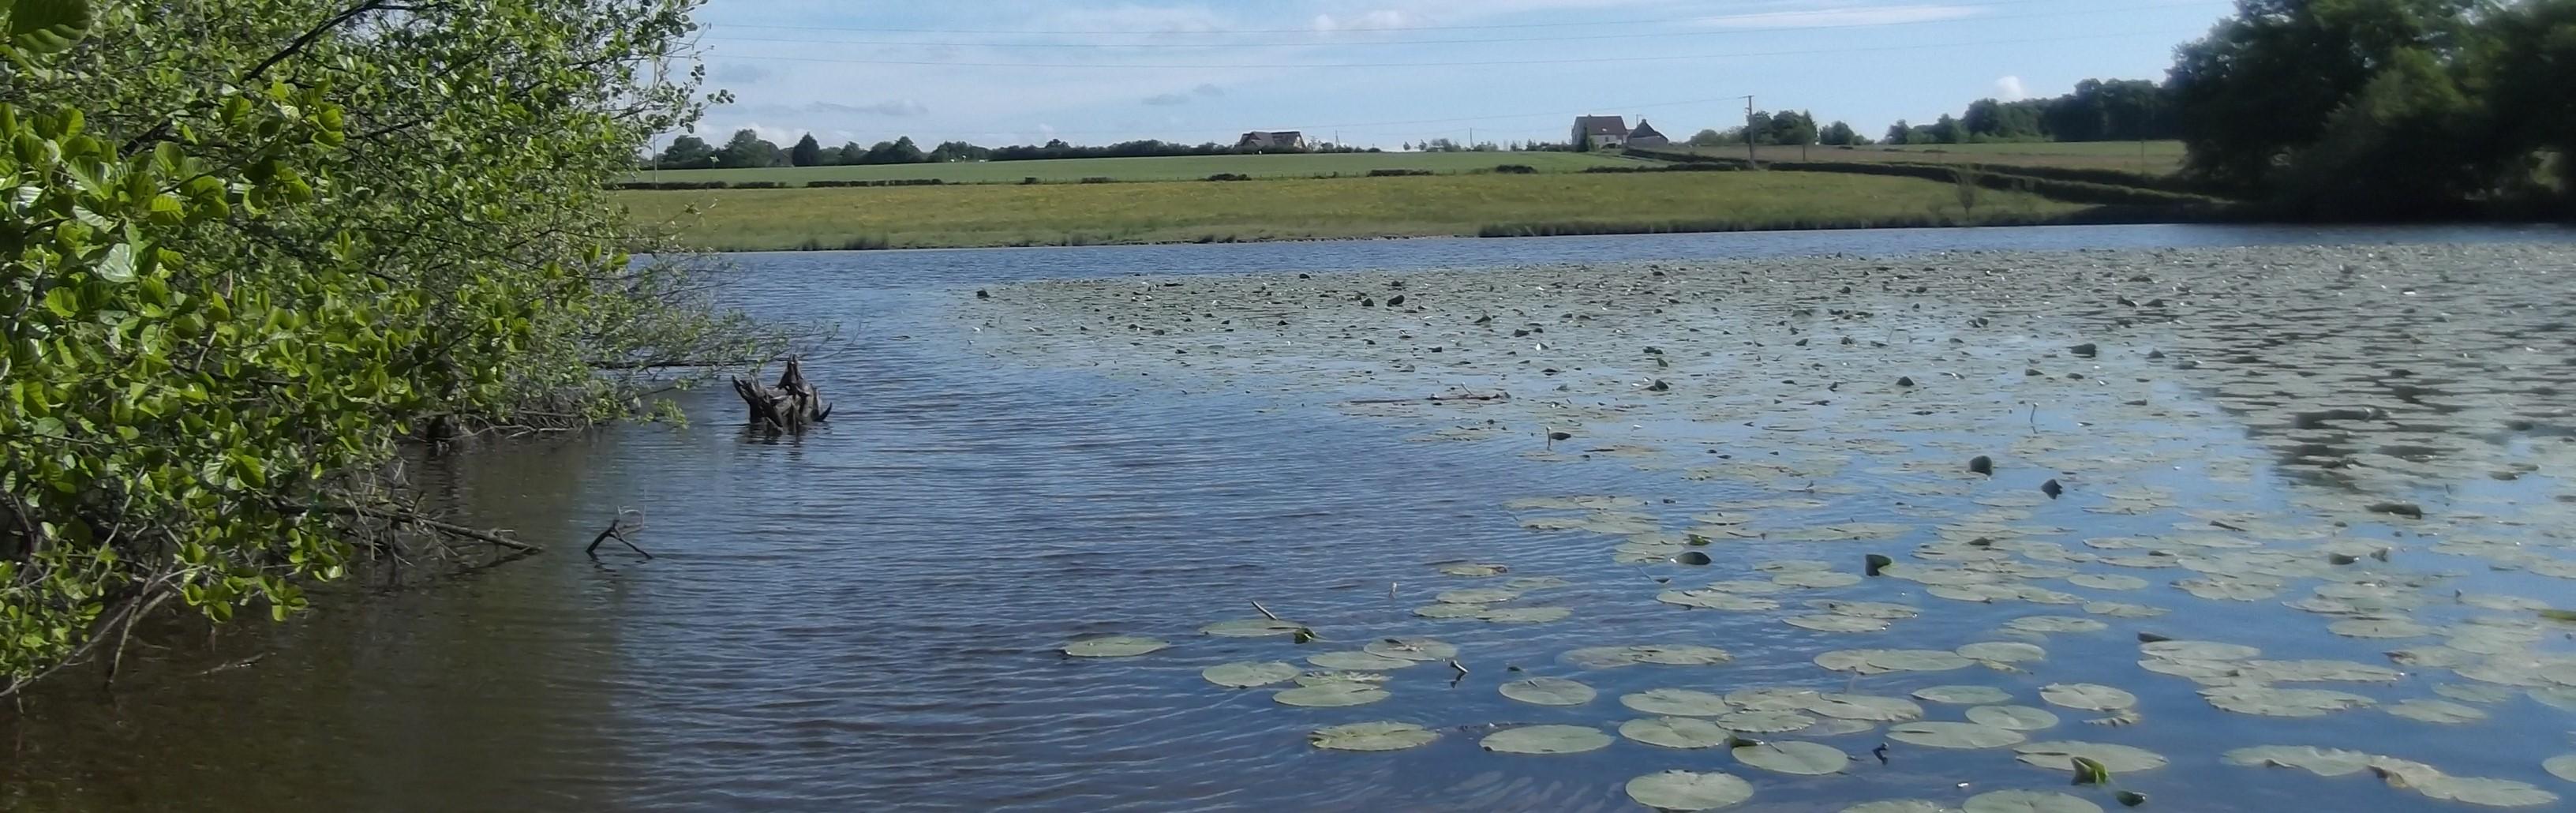 Les étangs de Sologne Bourbonnaise